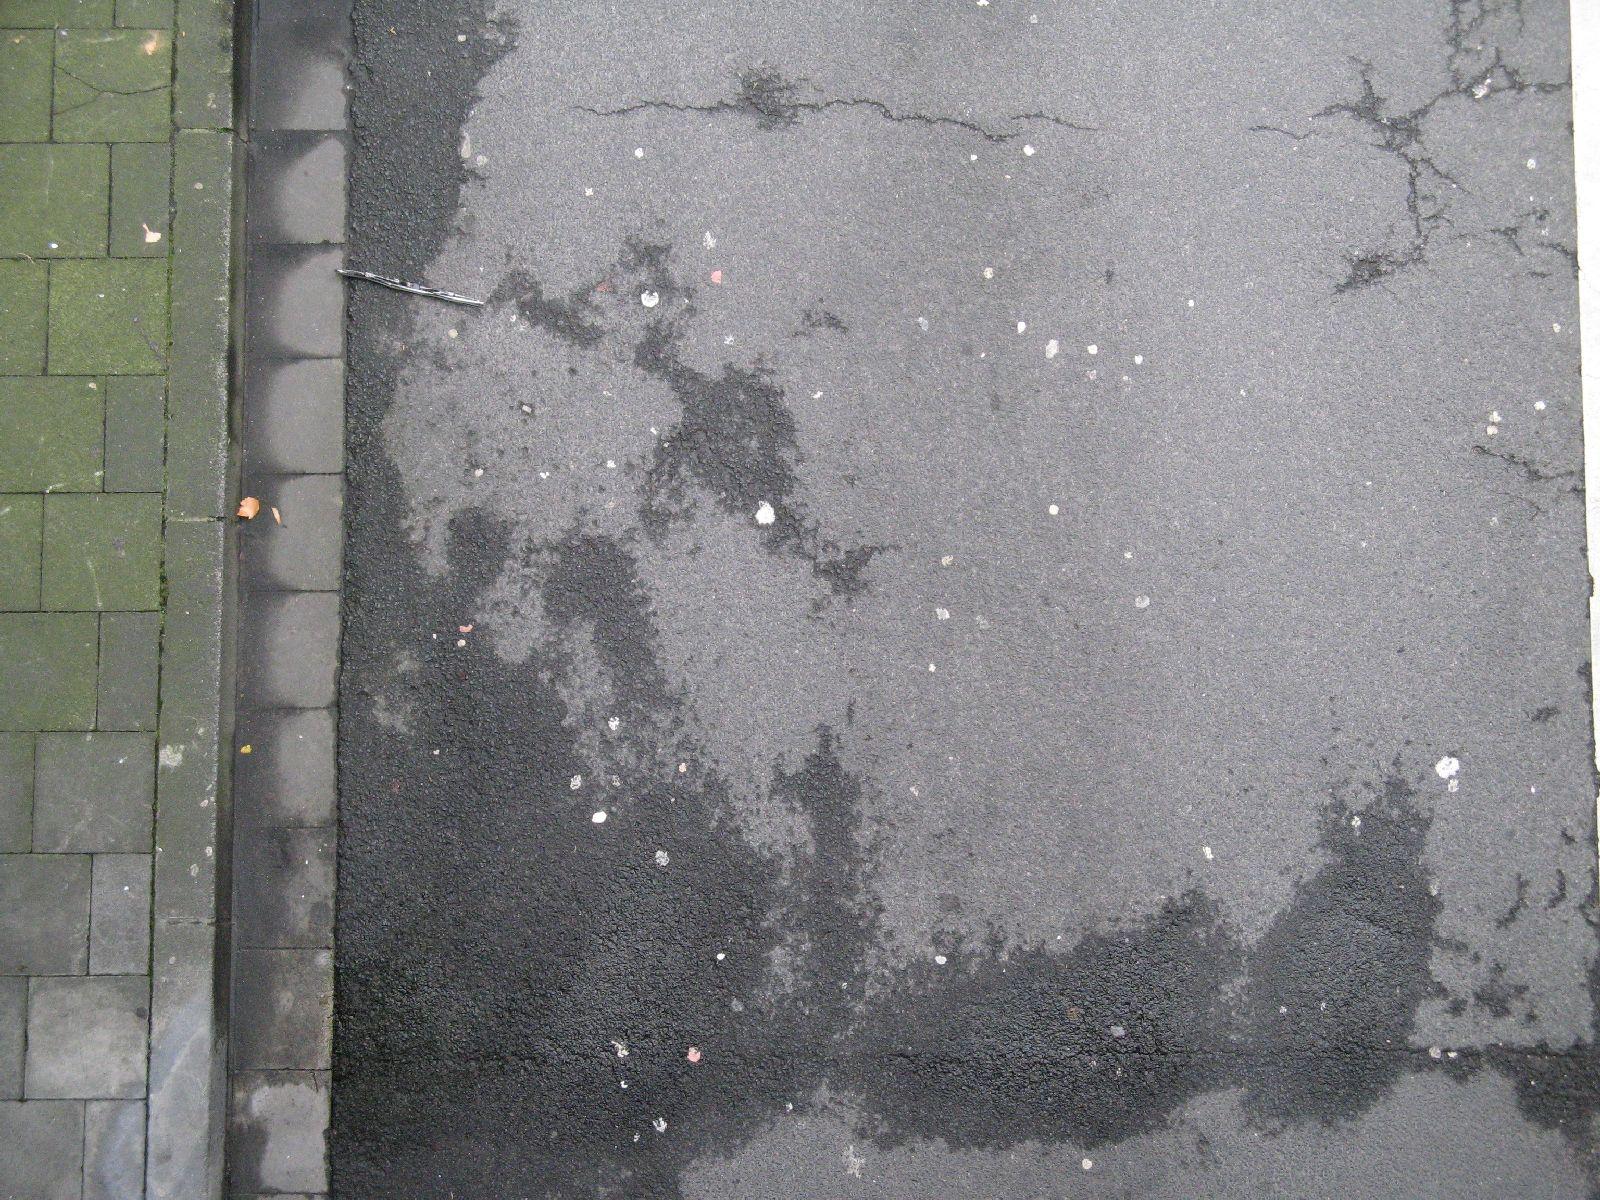 Boden-Strassenelemente_Textur_B_2403